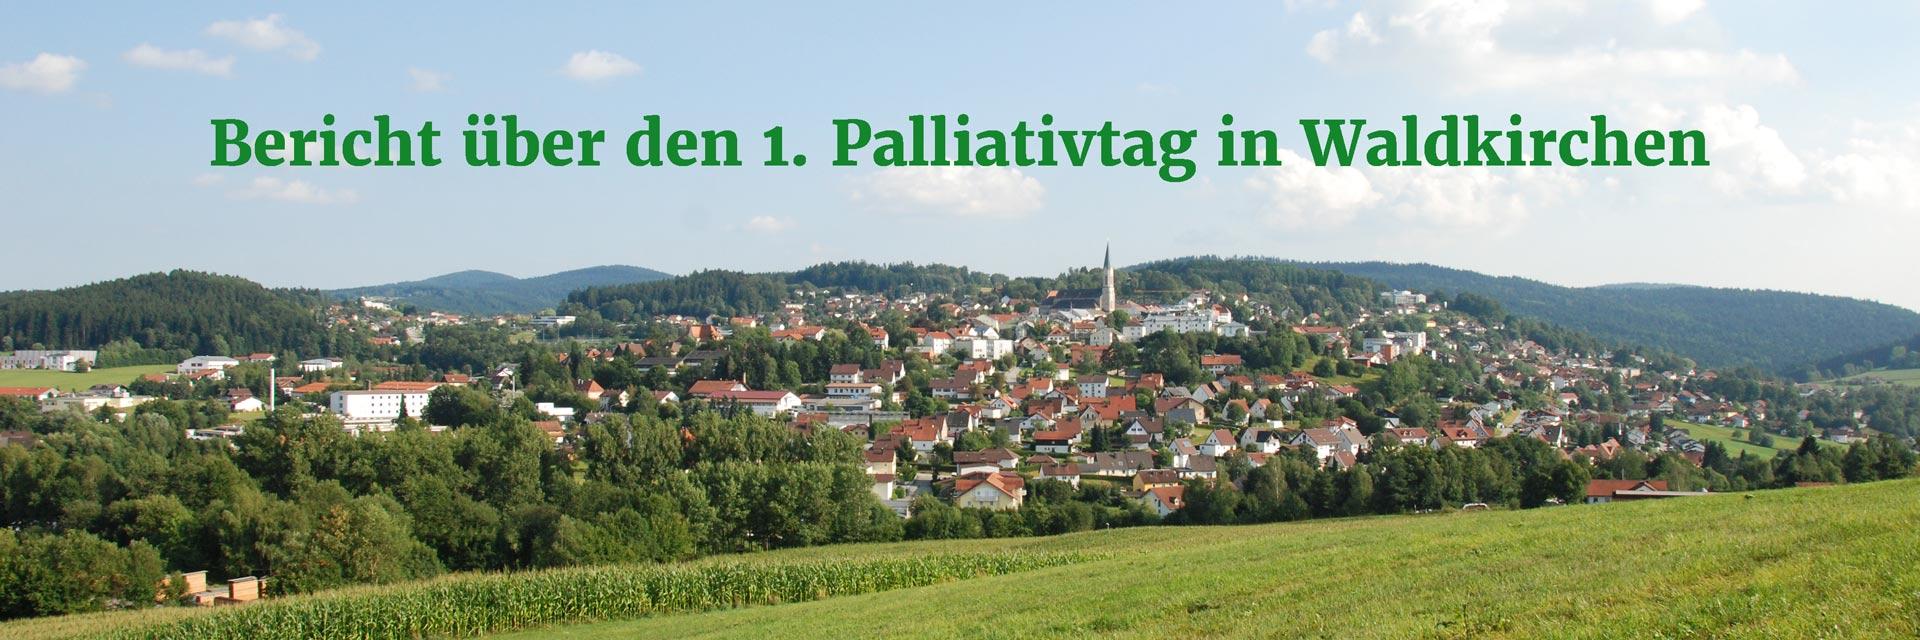 bericht_1. Palliativtag_Waldkirchen